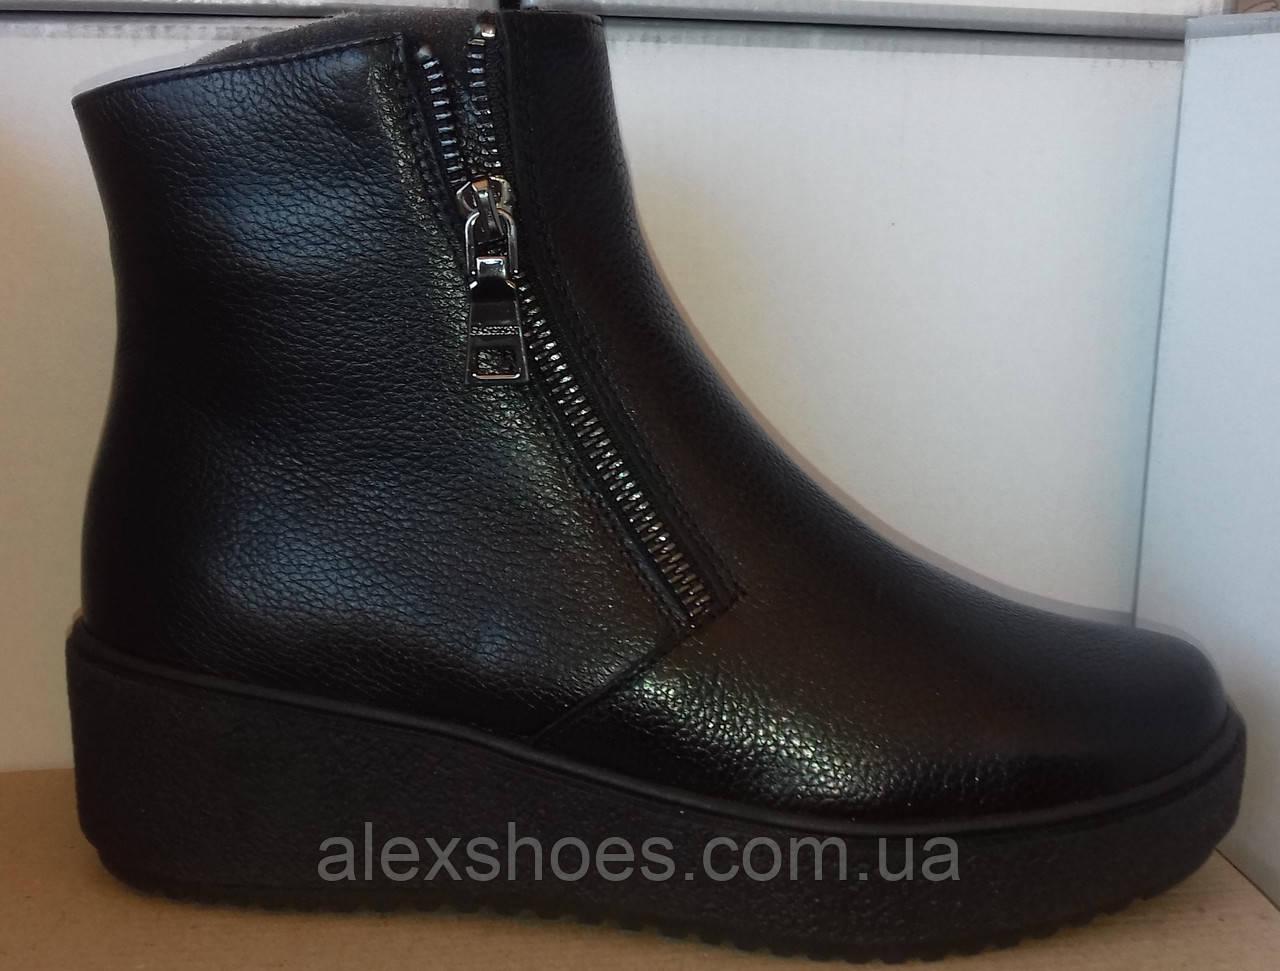 4656a3891 Ботинки женские зима на толстой подошве из натуральной кожи от  производителя модель СВ130-1